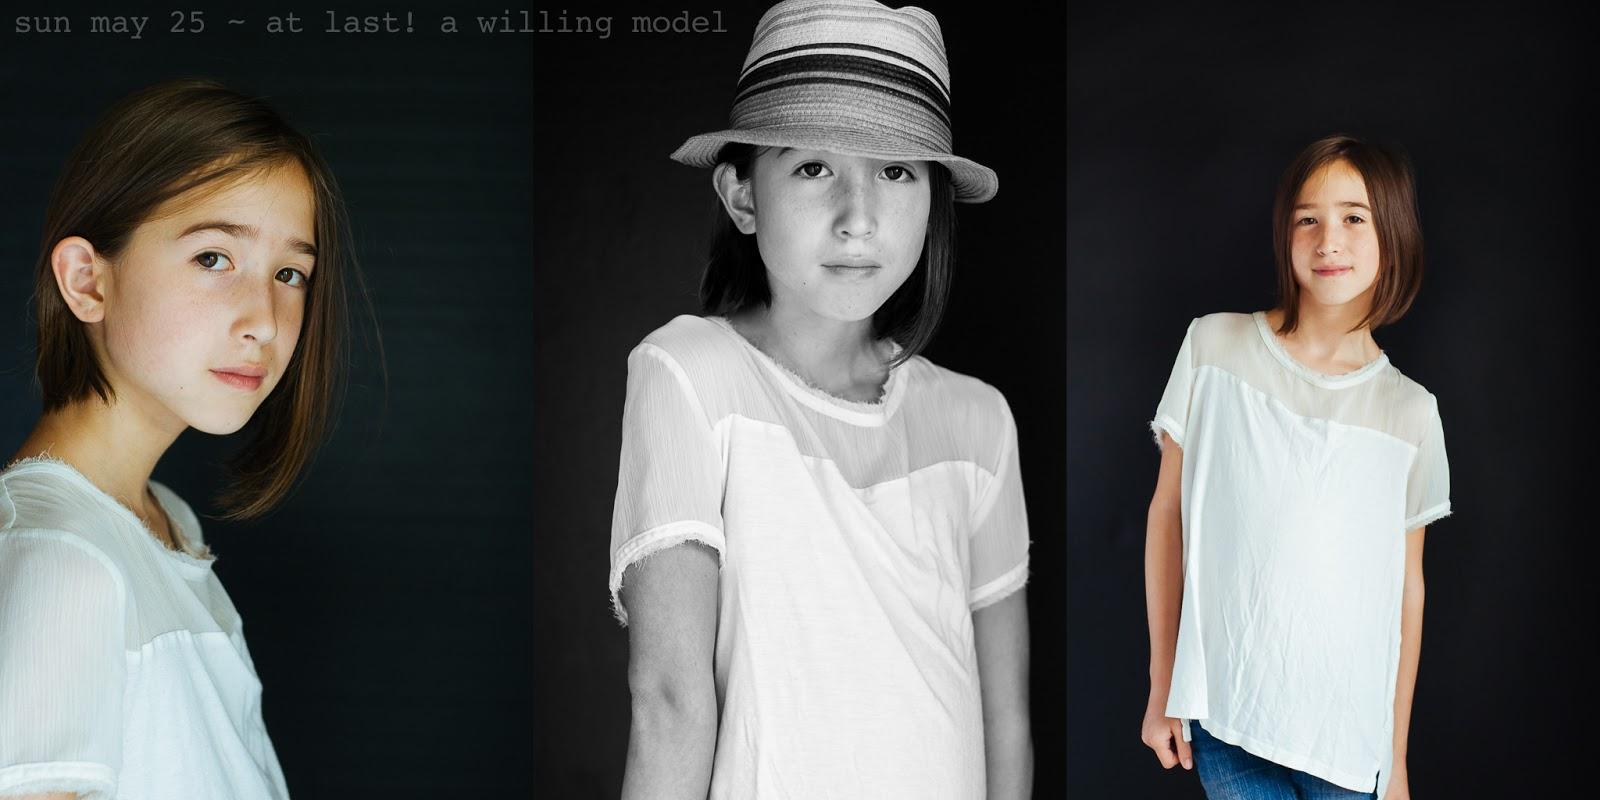 willing+model+4-1.jpg